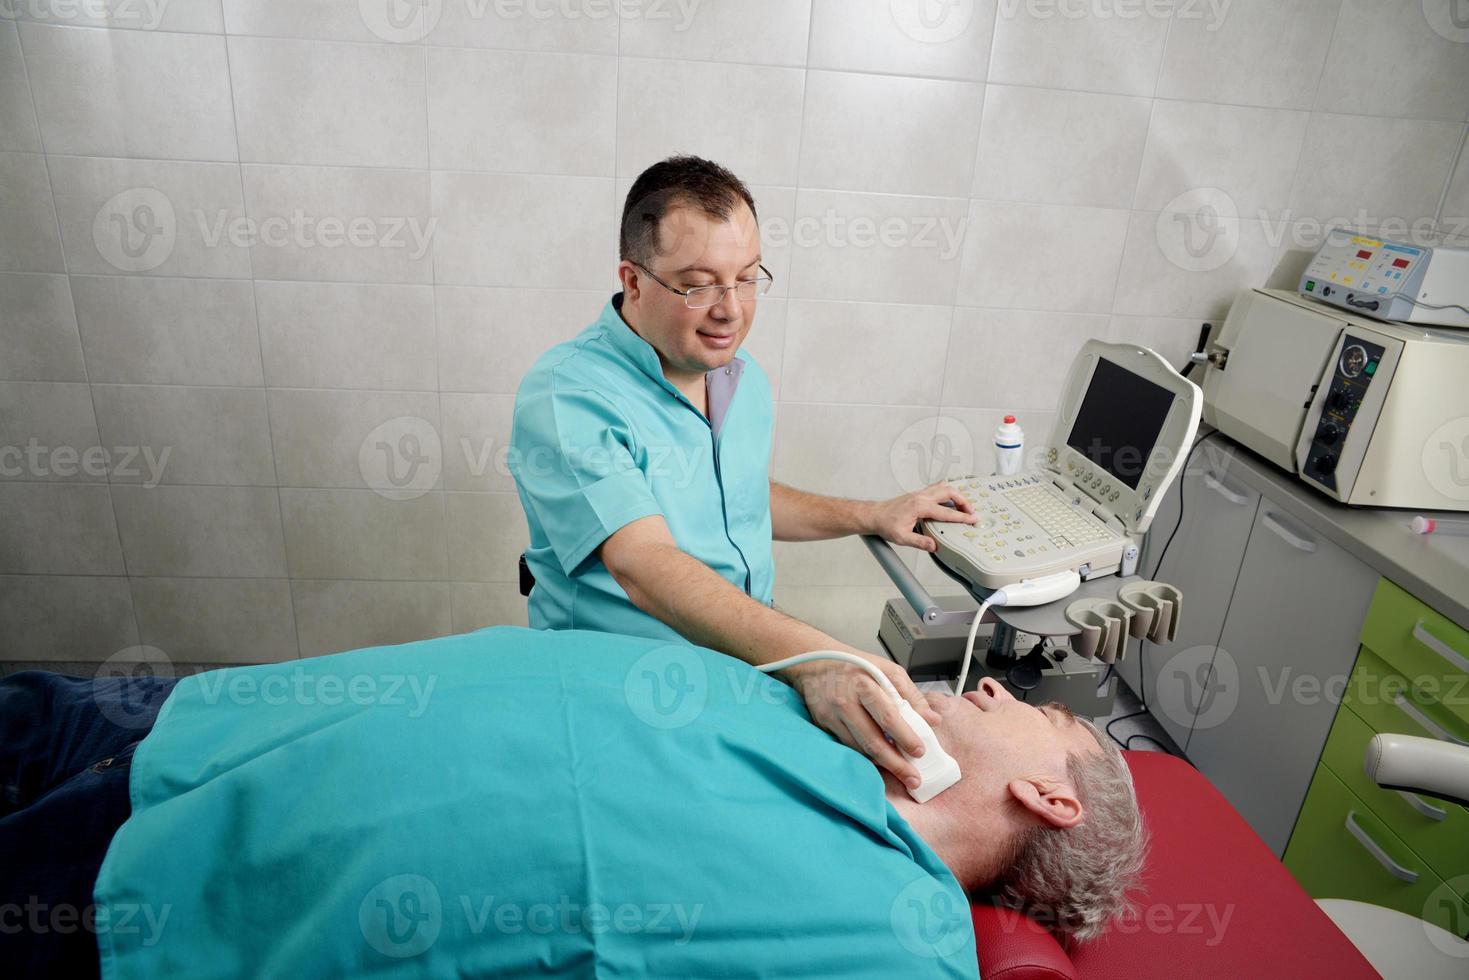 homme se faire examiner par un professionnel de la santé photo